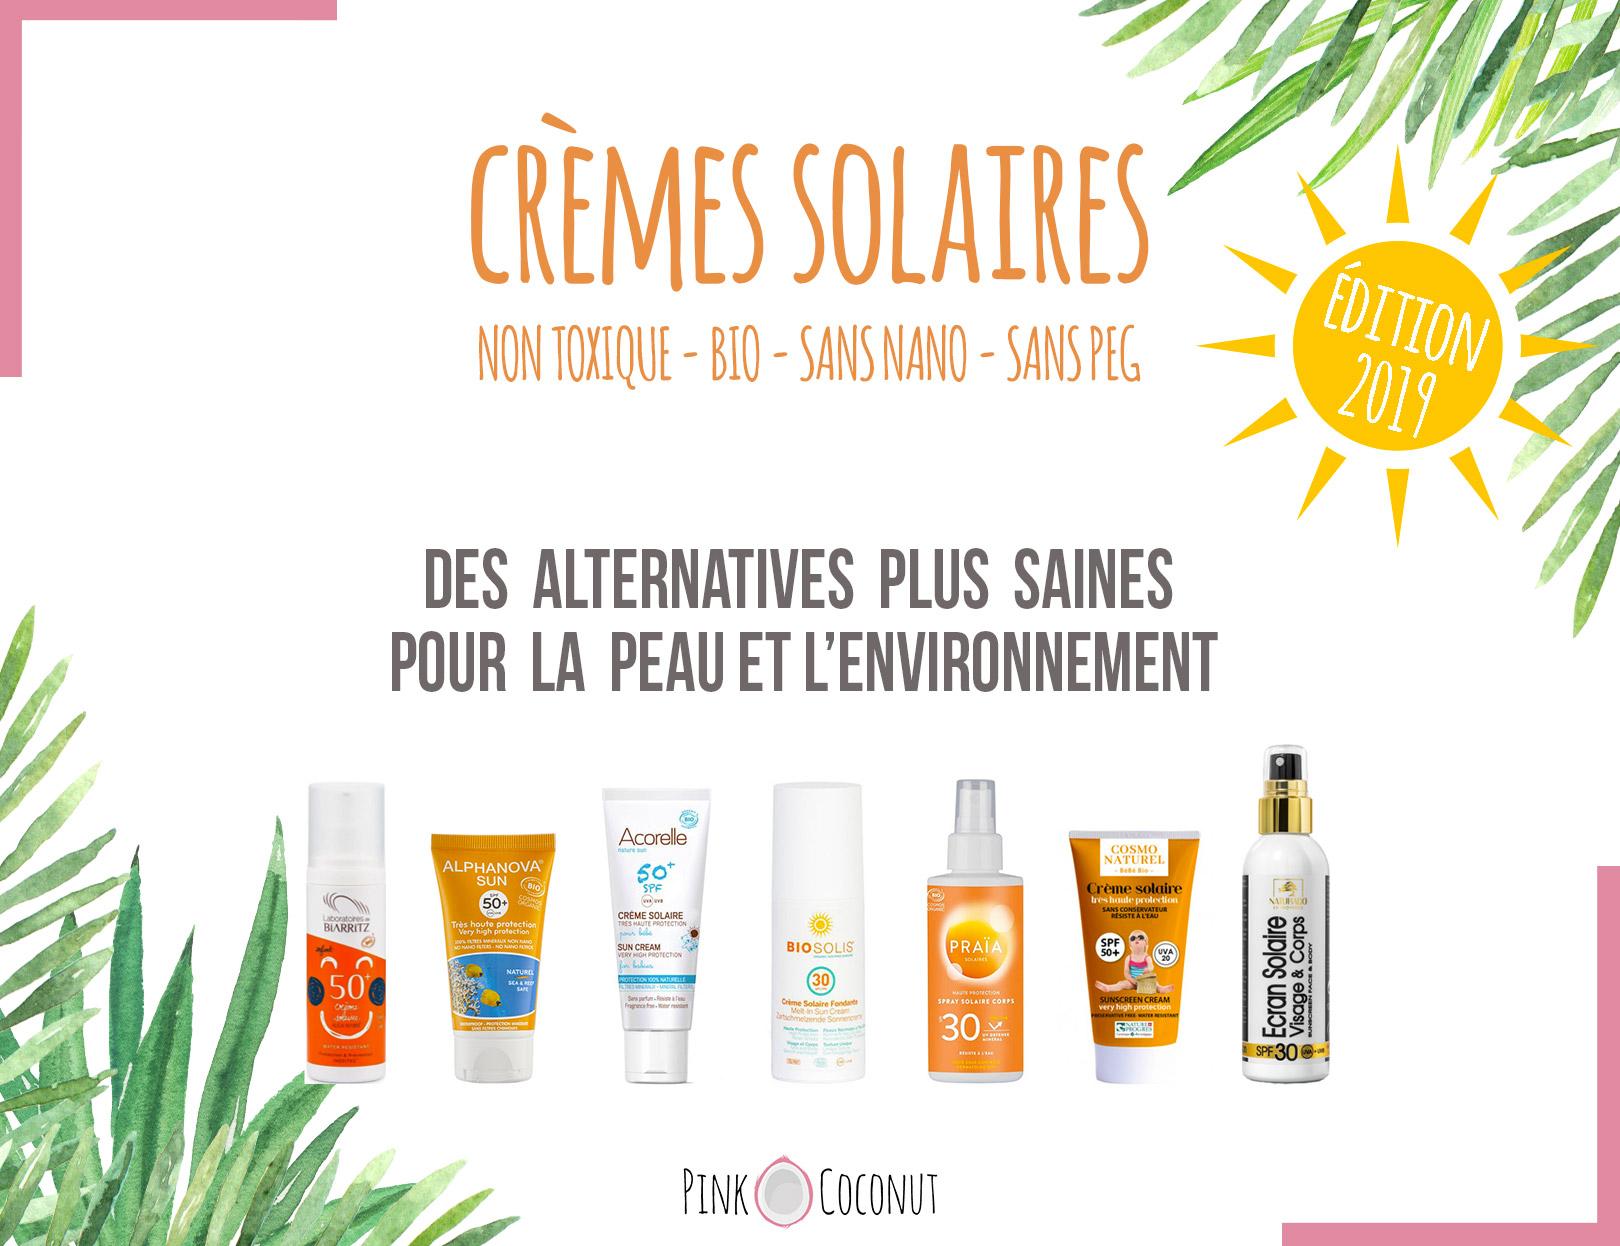 Crème solaire bio, une sélection des meilleures crèmes pour la peau et respectueuse de l'environnement.